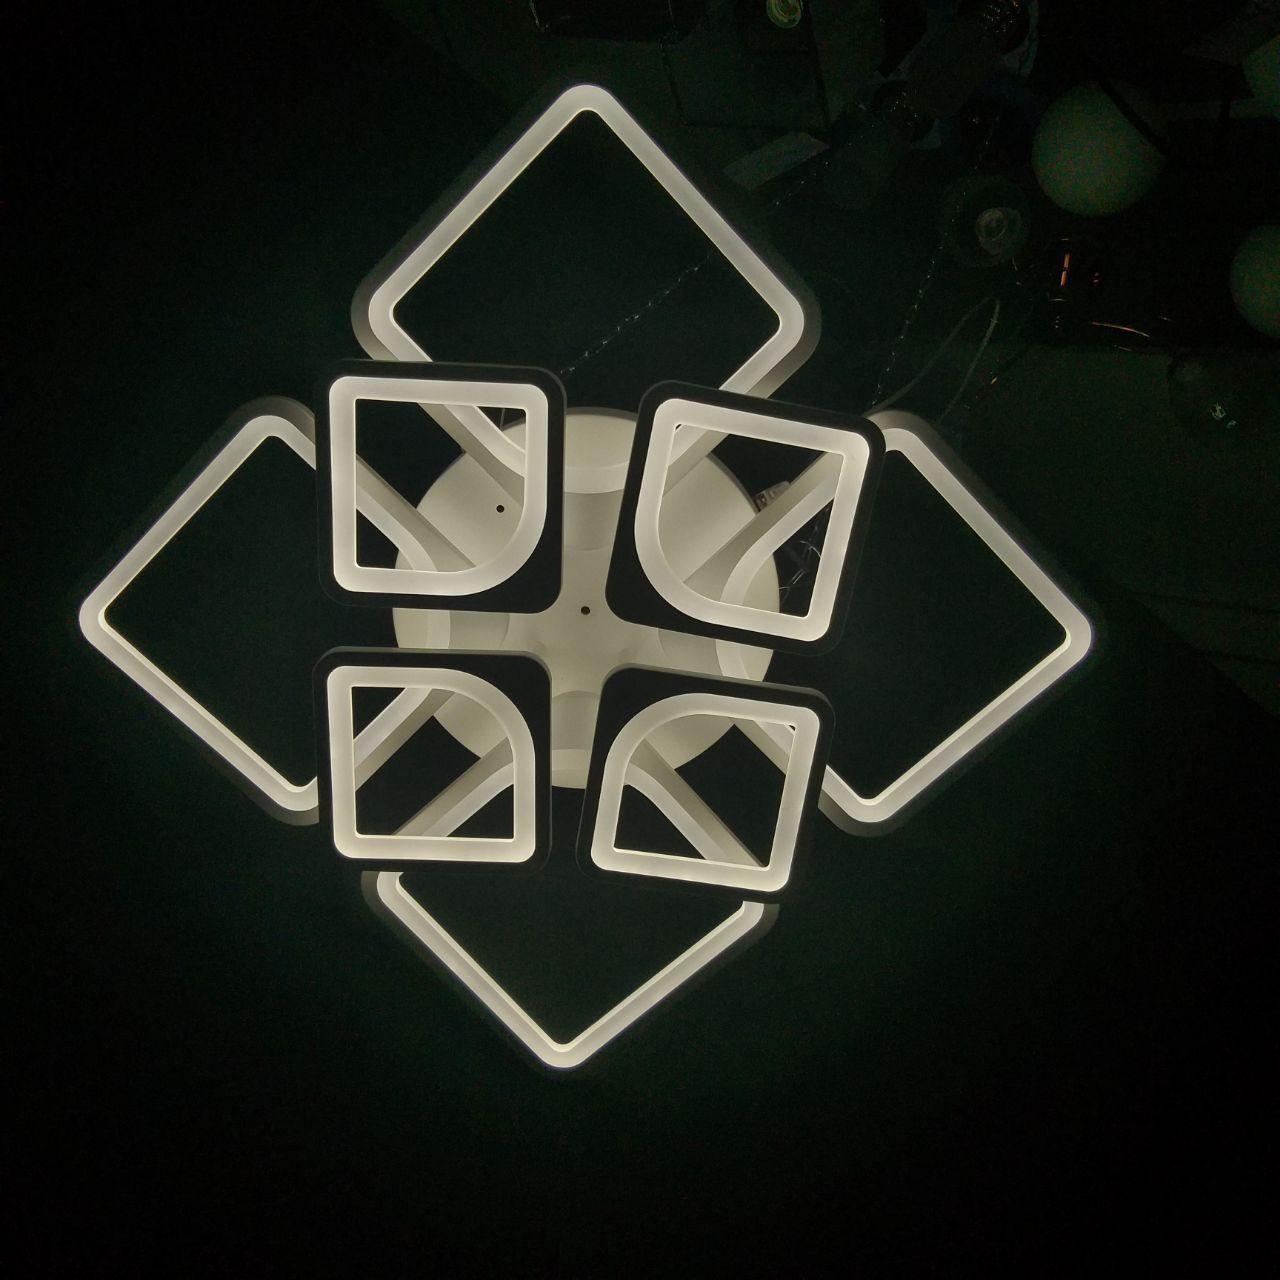 Люстра LED потолочная XZ-8064/4+4 136W+136W(1шт)